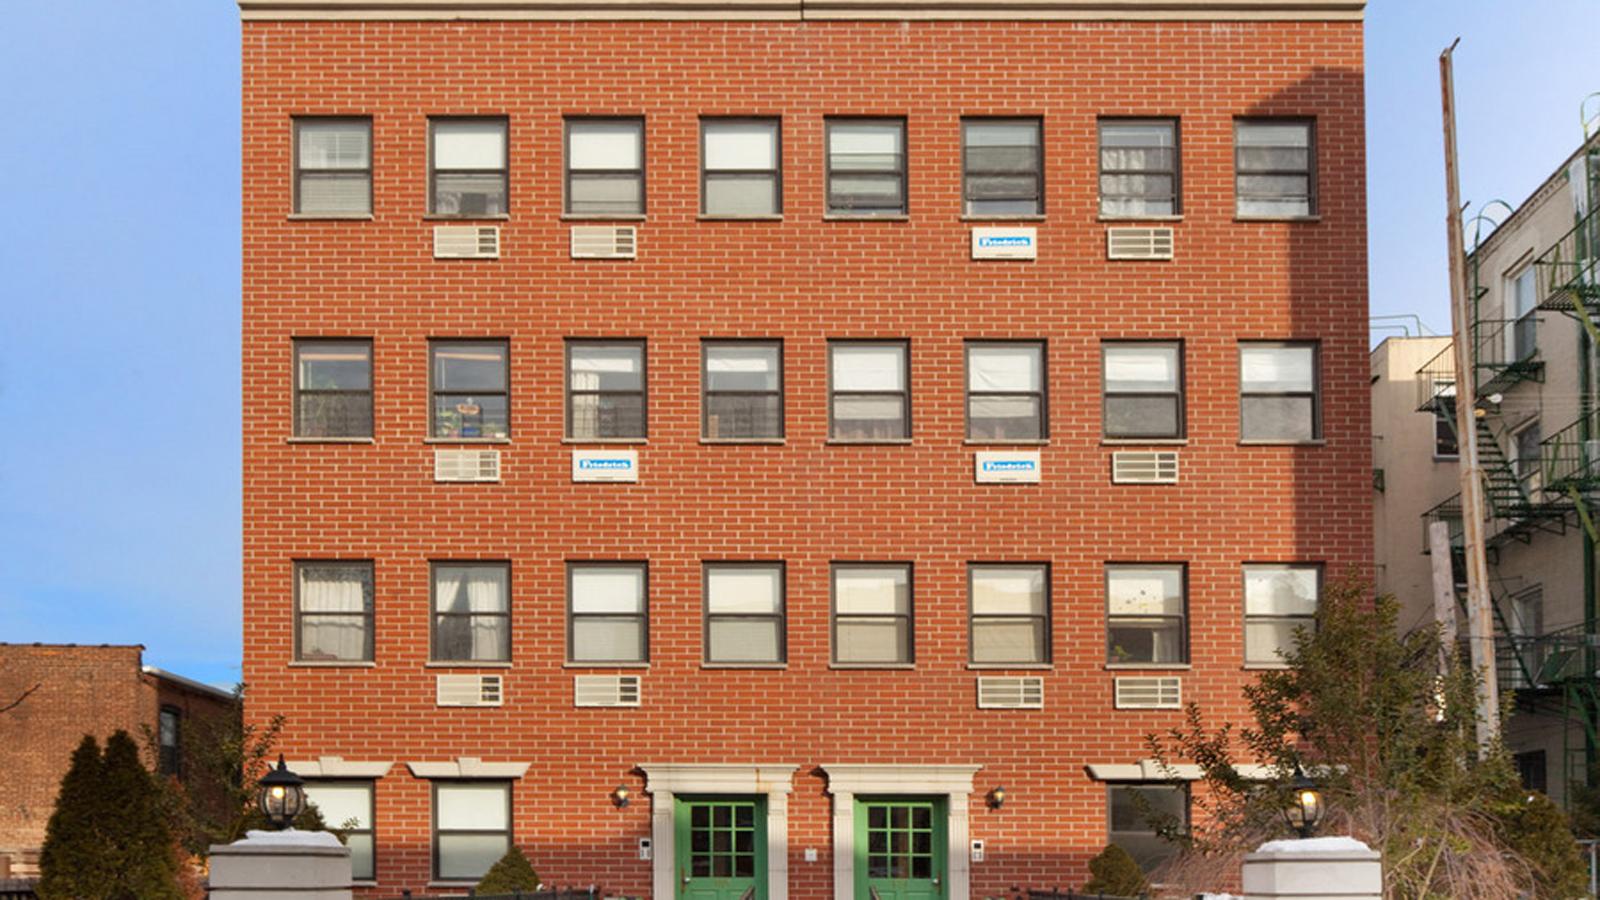 Russell Court, 171 Engert Avenue